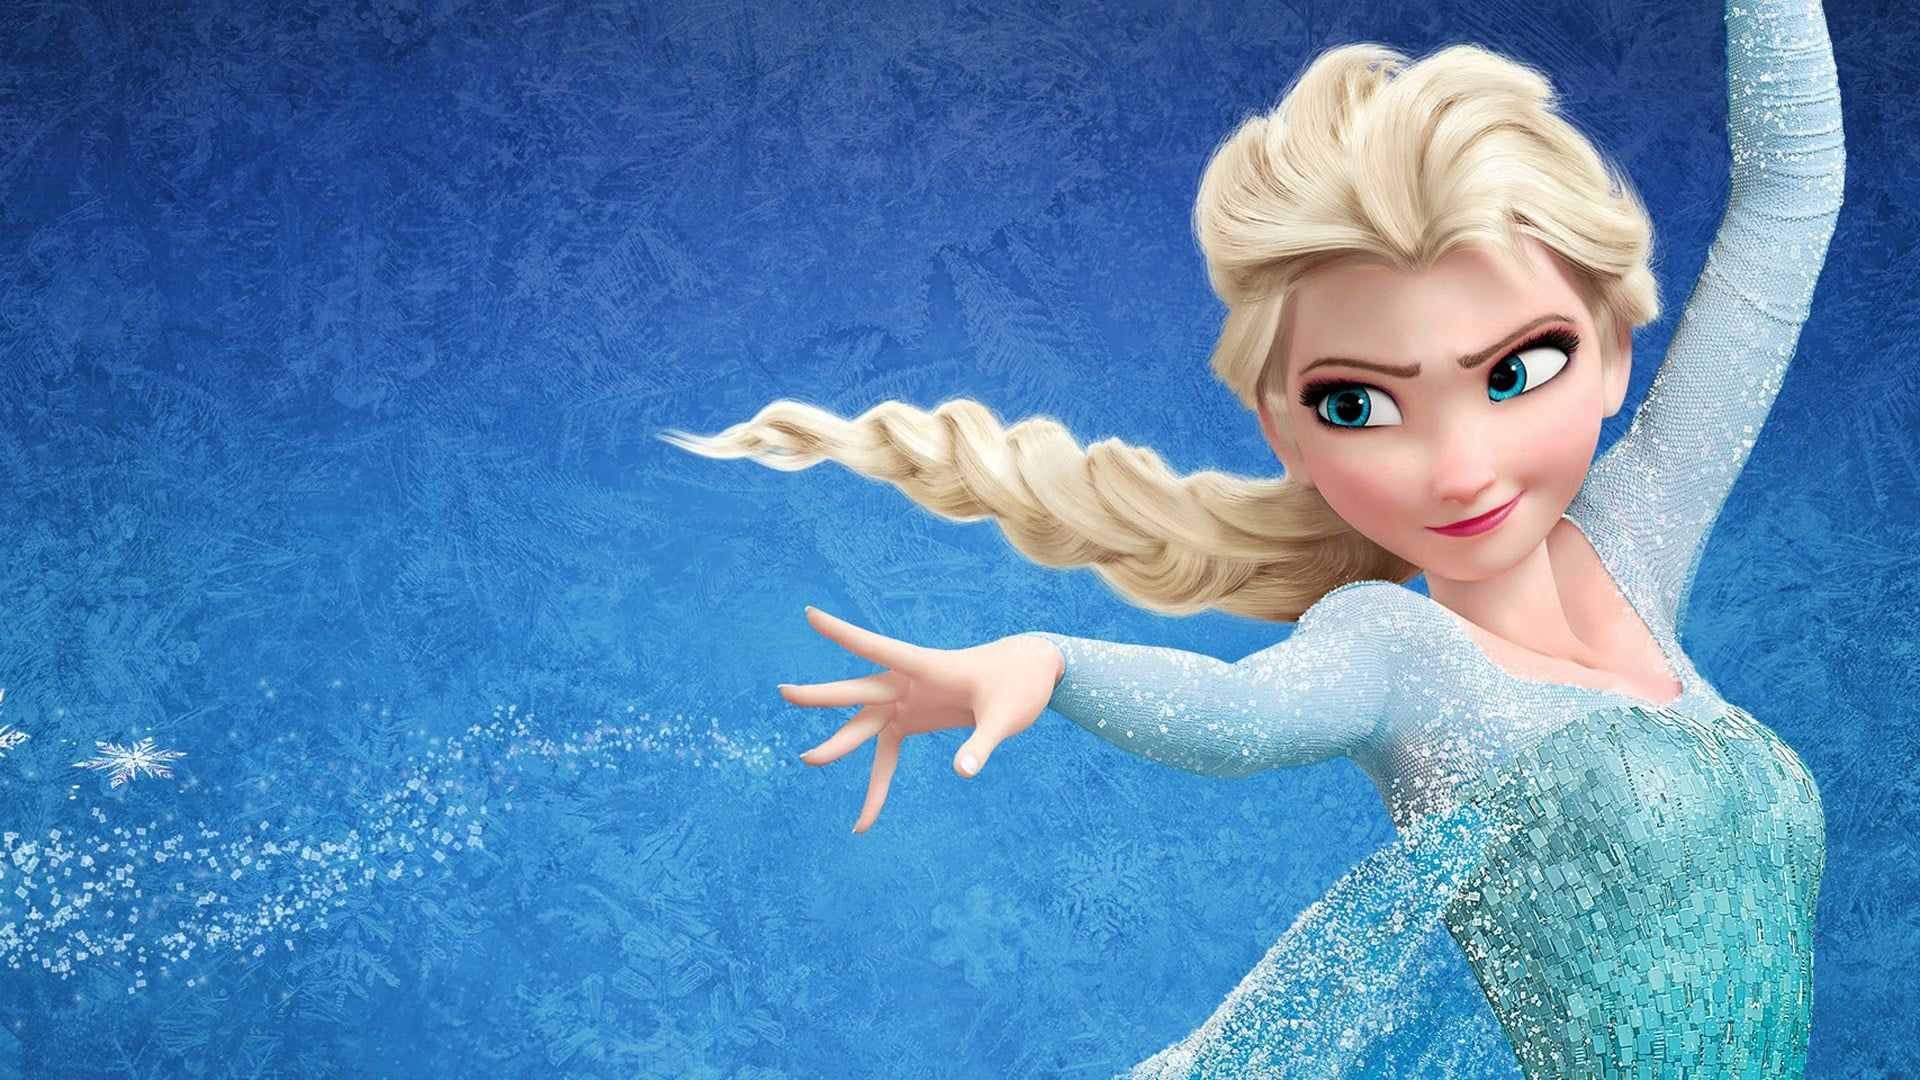 Die Eiskonigin Vollig Unverfroren 2013 Ganzer Film Deutsch Komplett Kino Konigstochter Anna Begibt Sich Begleit Disney Divas Disney Films Disney Animation